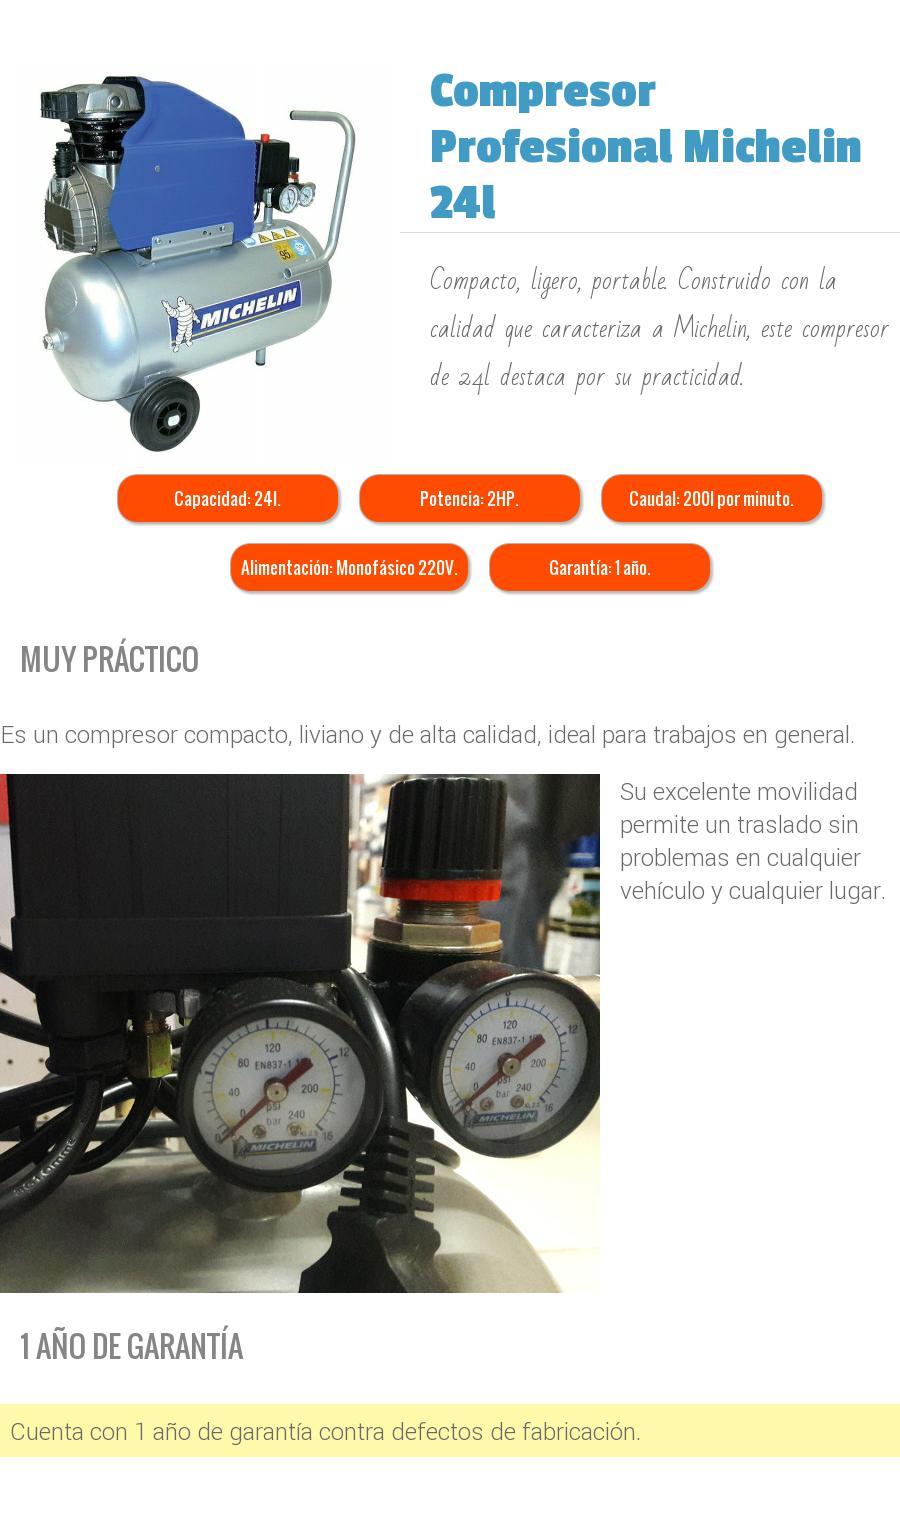 Compresores Michelin en oferta